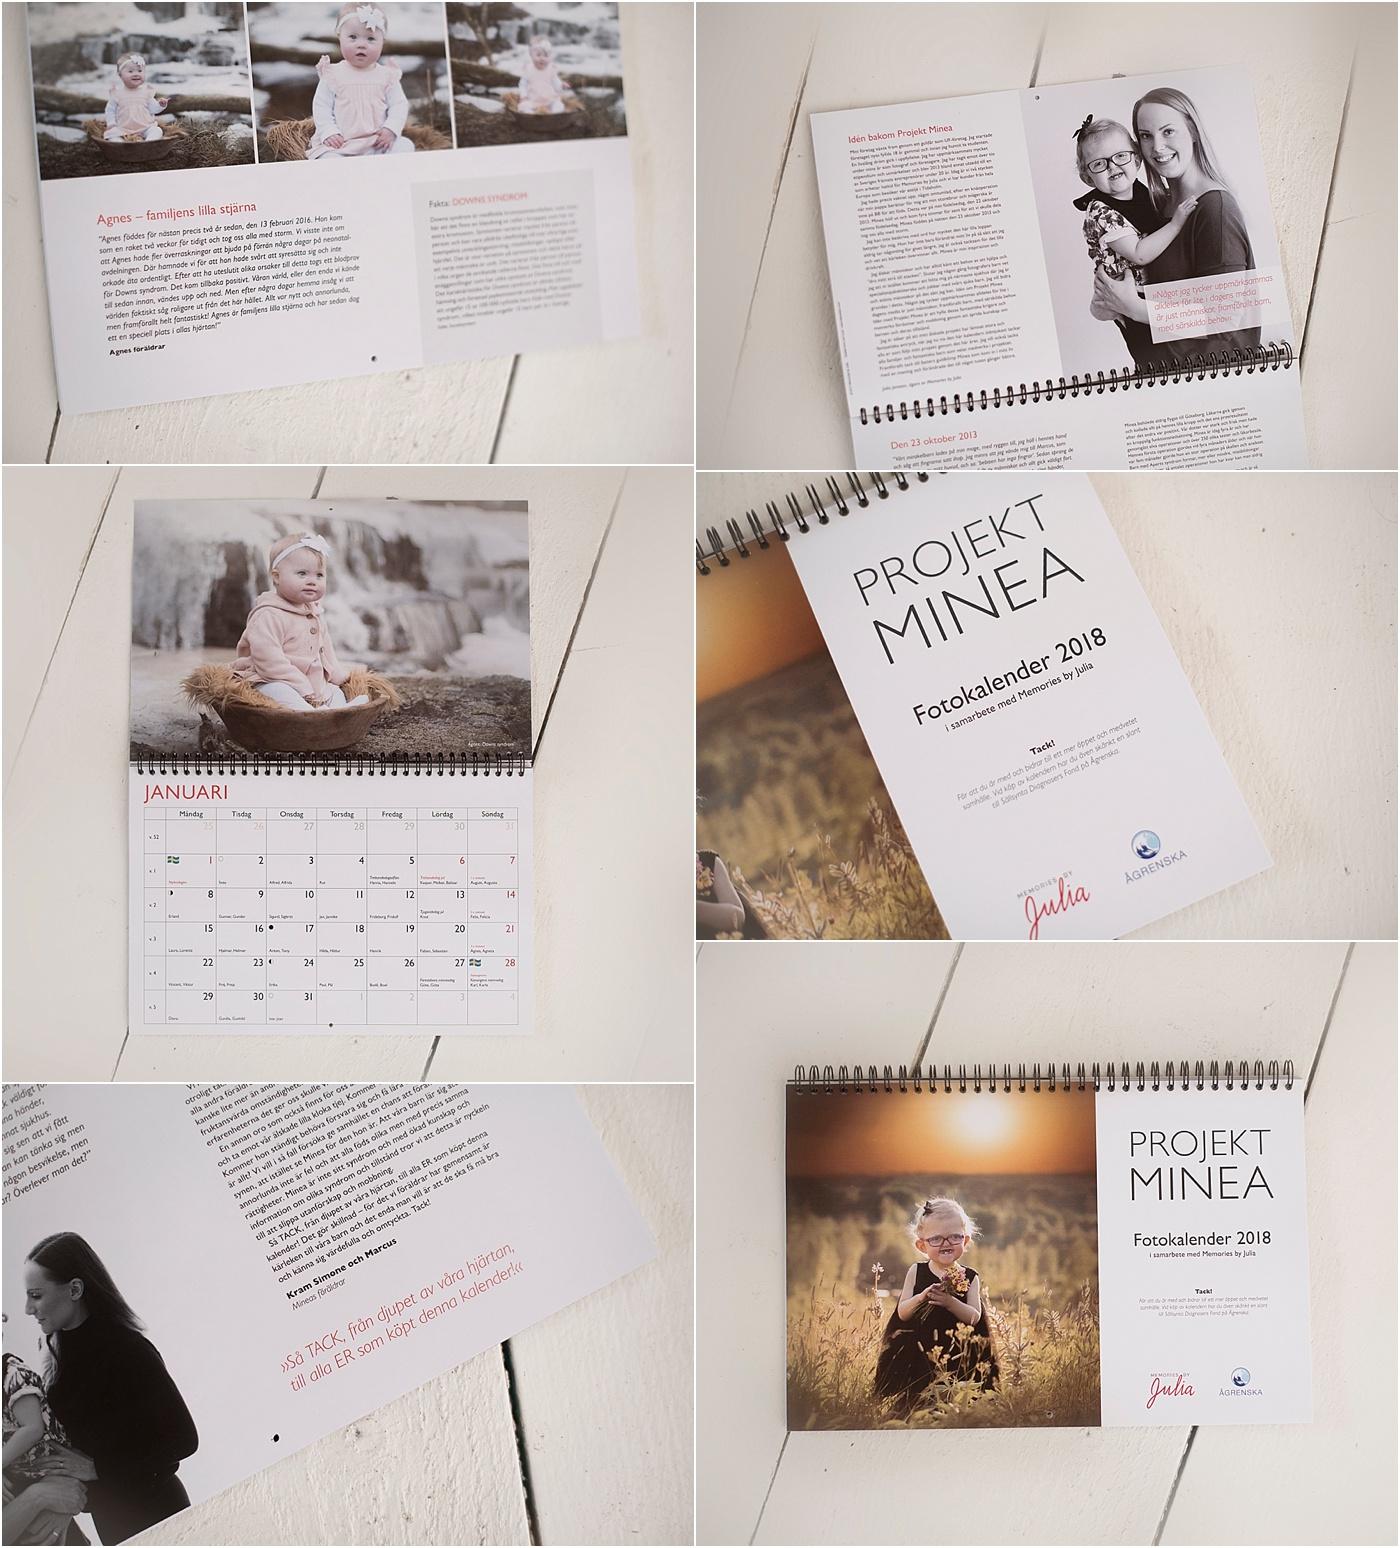 Fotokalender 2018 sällsynta diagnosers fond